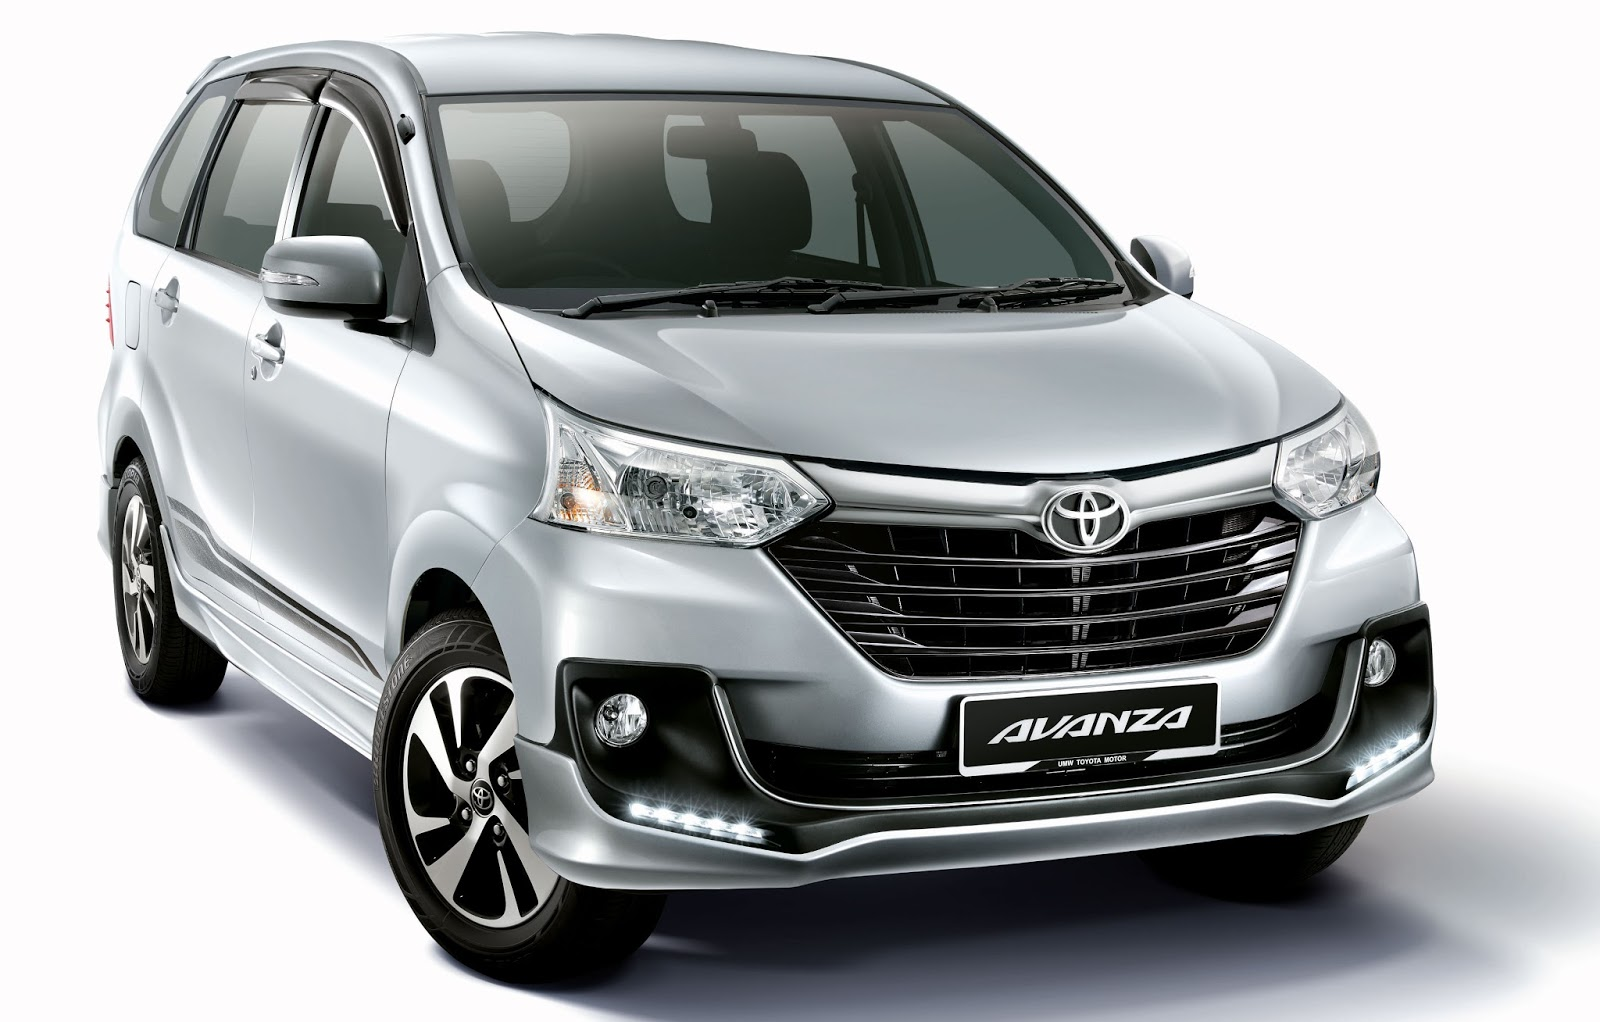 7 Mobil Murah Terbaru dan Terbaik di Indonesia 2018 - Oto ...